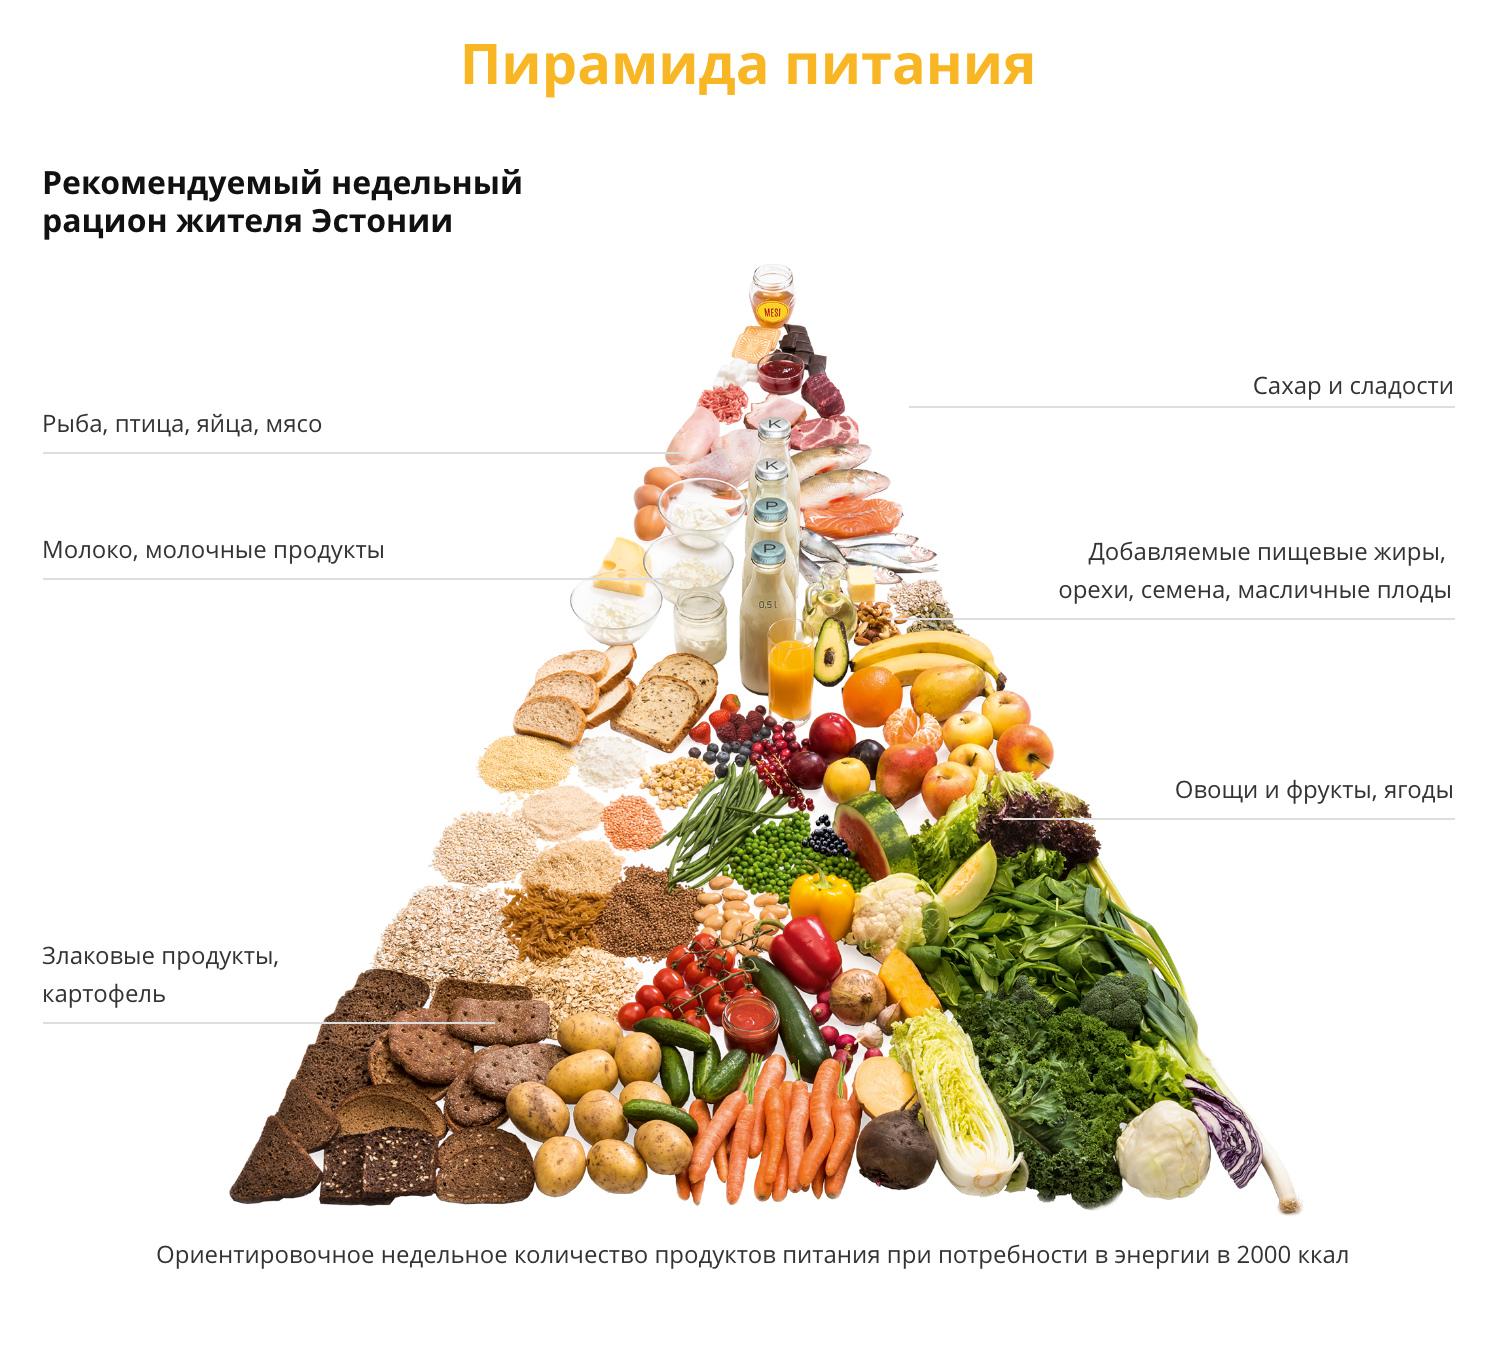 Правильное питание и диета при изжоге: самая полная информация!